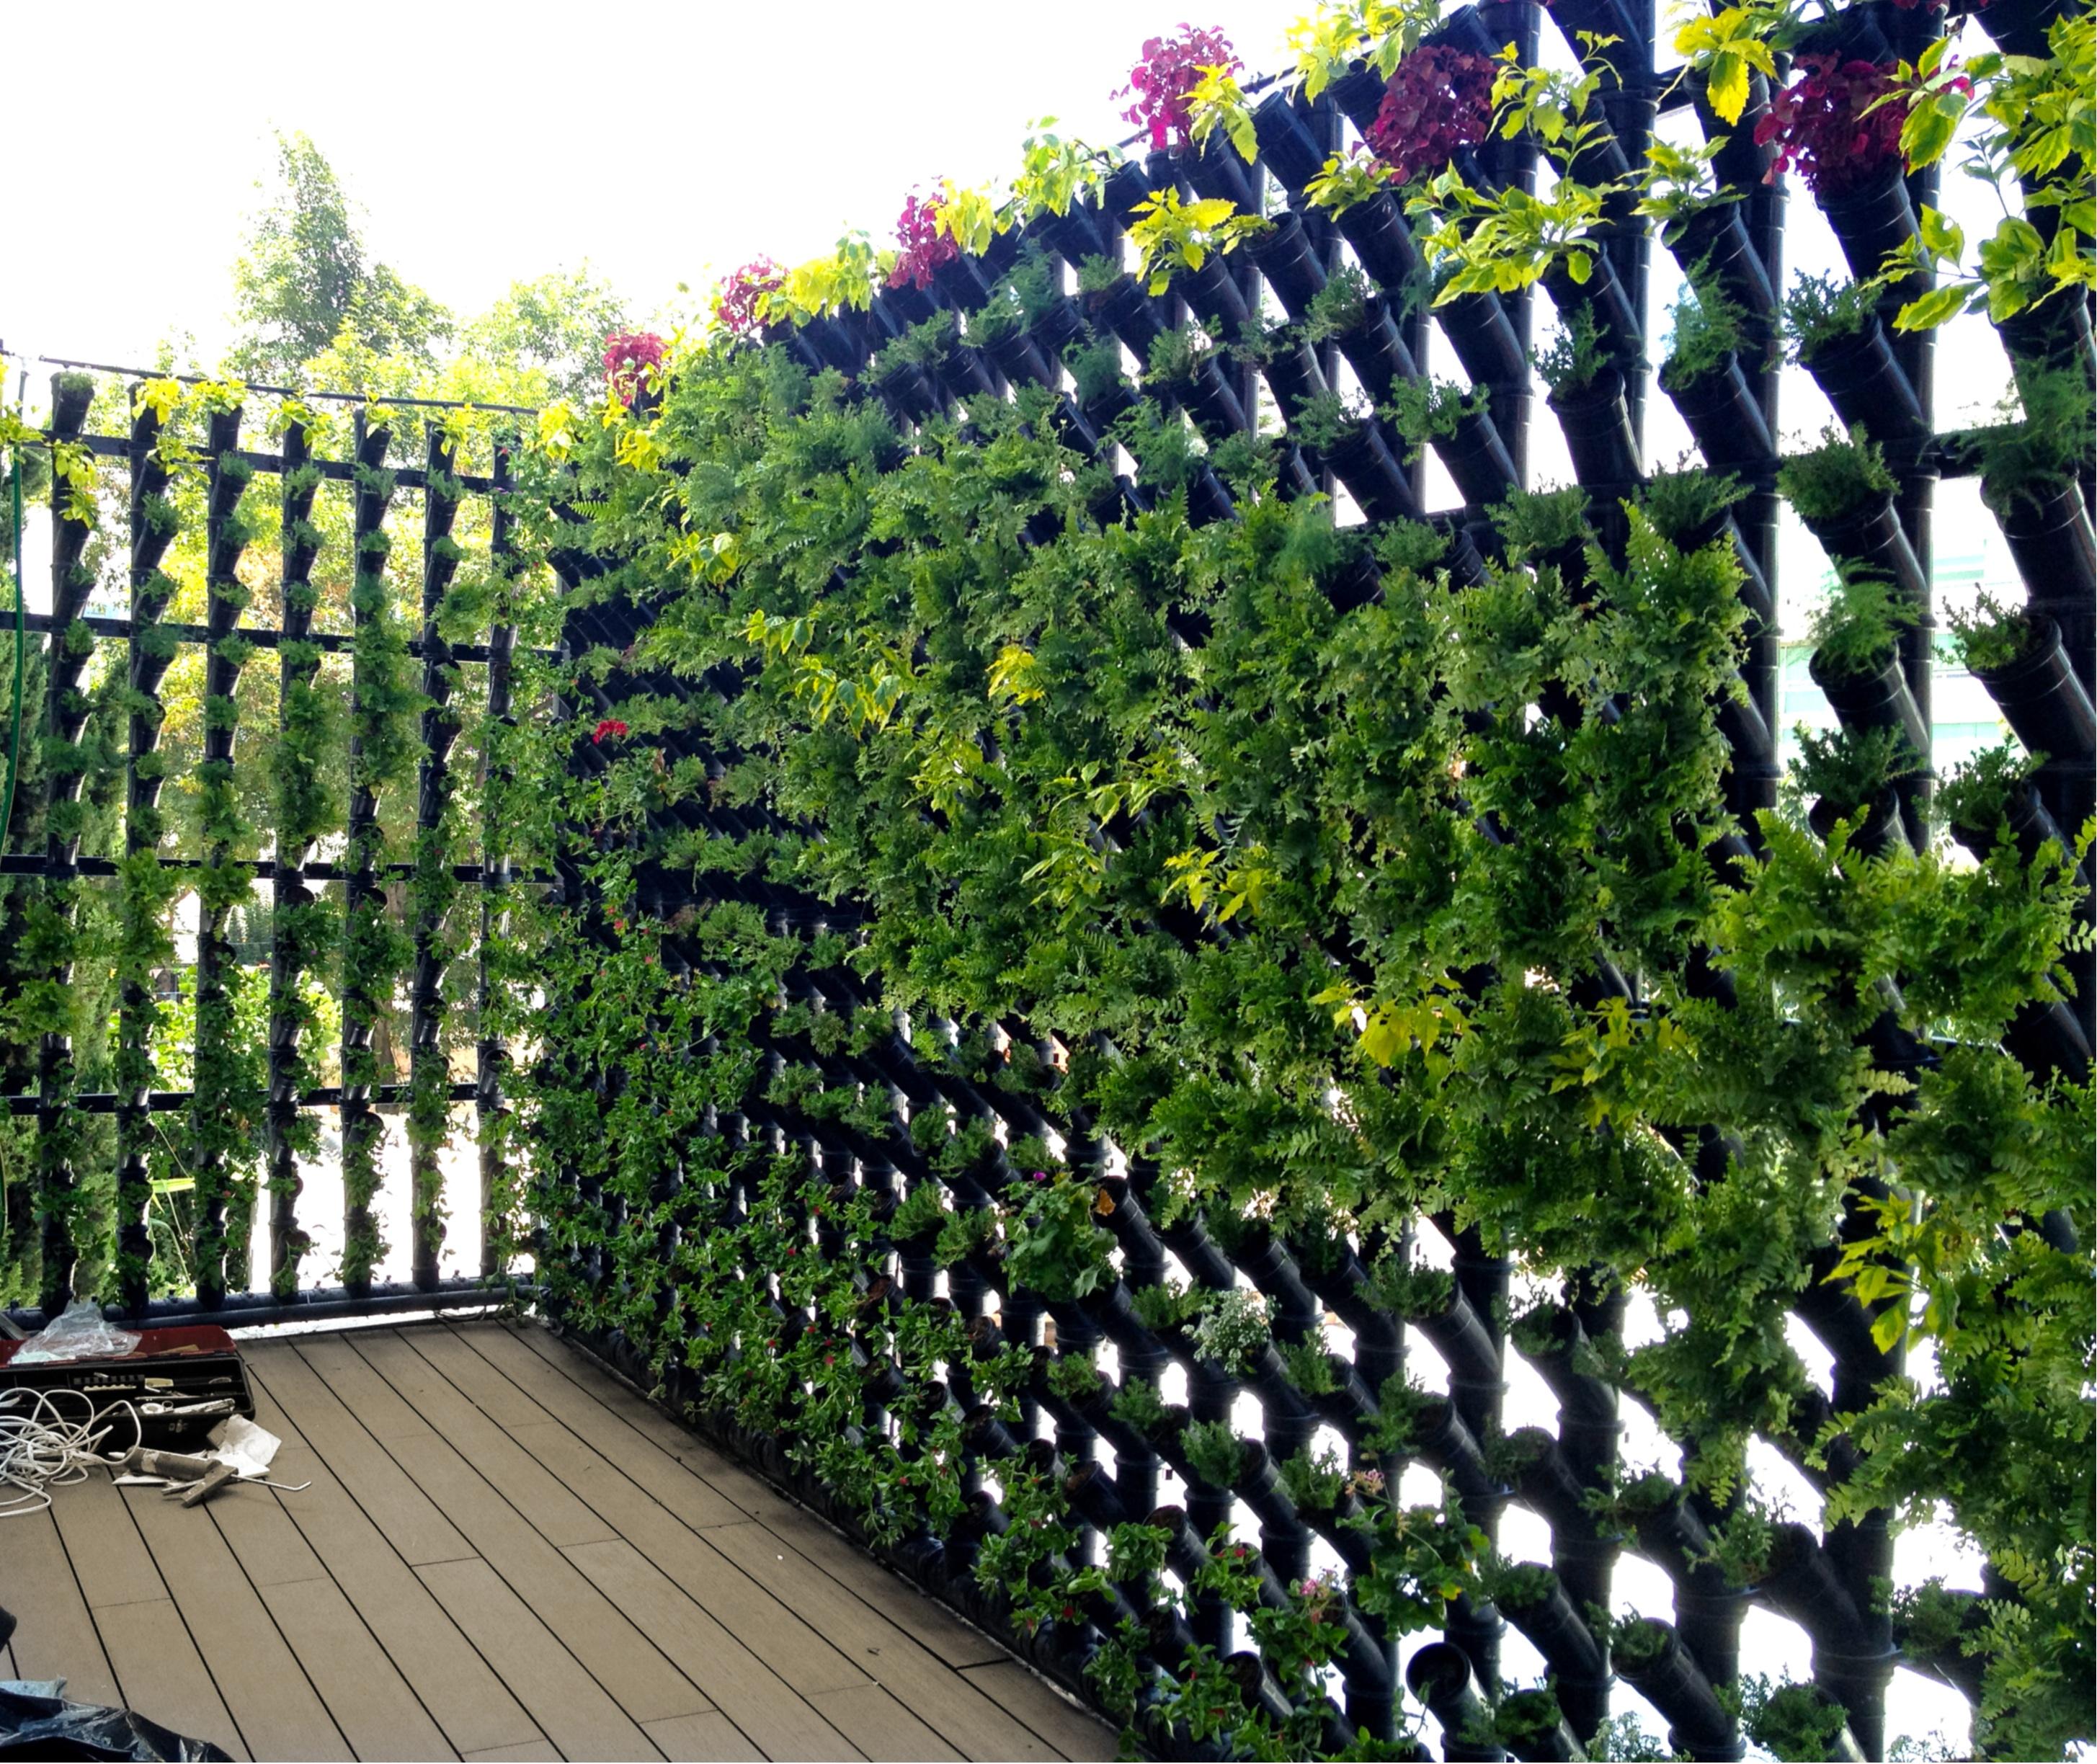 M dulos para muro verde cultivo y decorativo 92cm base x for Plantas para muros verdes verticales